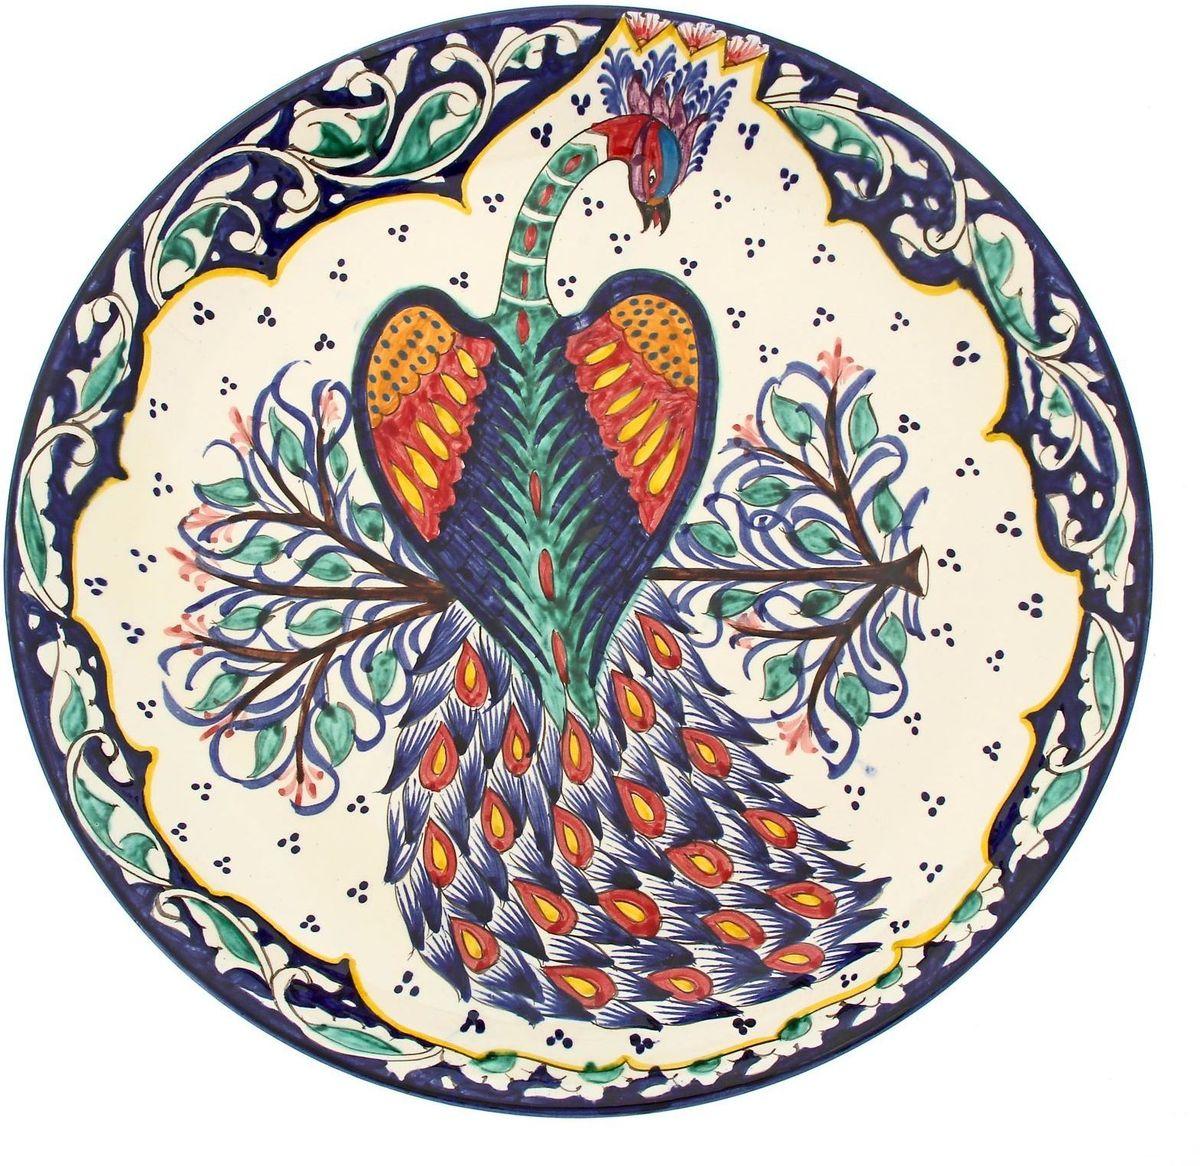 Ляган Риштанская керамика Павлин, диаметр 36 см1924240Ляган — это не просто обеденный атрибут, это украшение стола. Посуда с национальной росписью станет отменным подарком для ценителей высокородной посуды.Риштан — город на востоке Узбекистана, один из древнейших в Ферганской долине. С давних времён Риштан славится своим гончарным искусством изготовления цветной керамики. Красноватую глину для изделия добывают в самом городе. Мастера утверждают, что их глина настолько высокого качества, что даже не нуждается в предварительной обработке. Дополните коллекцию кухонных аксессуаров пряными восточными нотами.